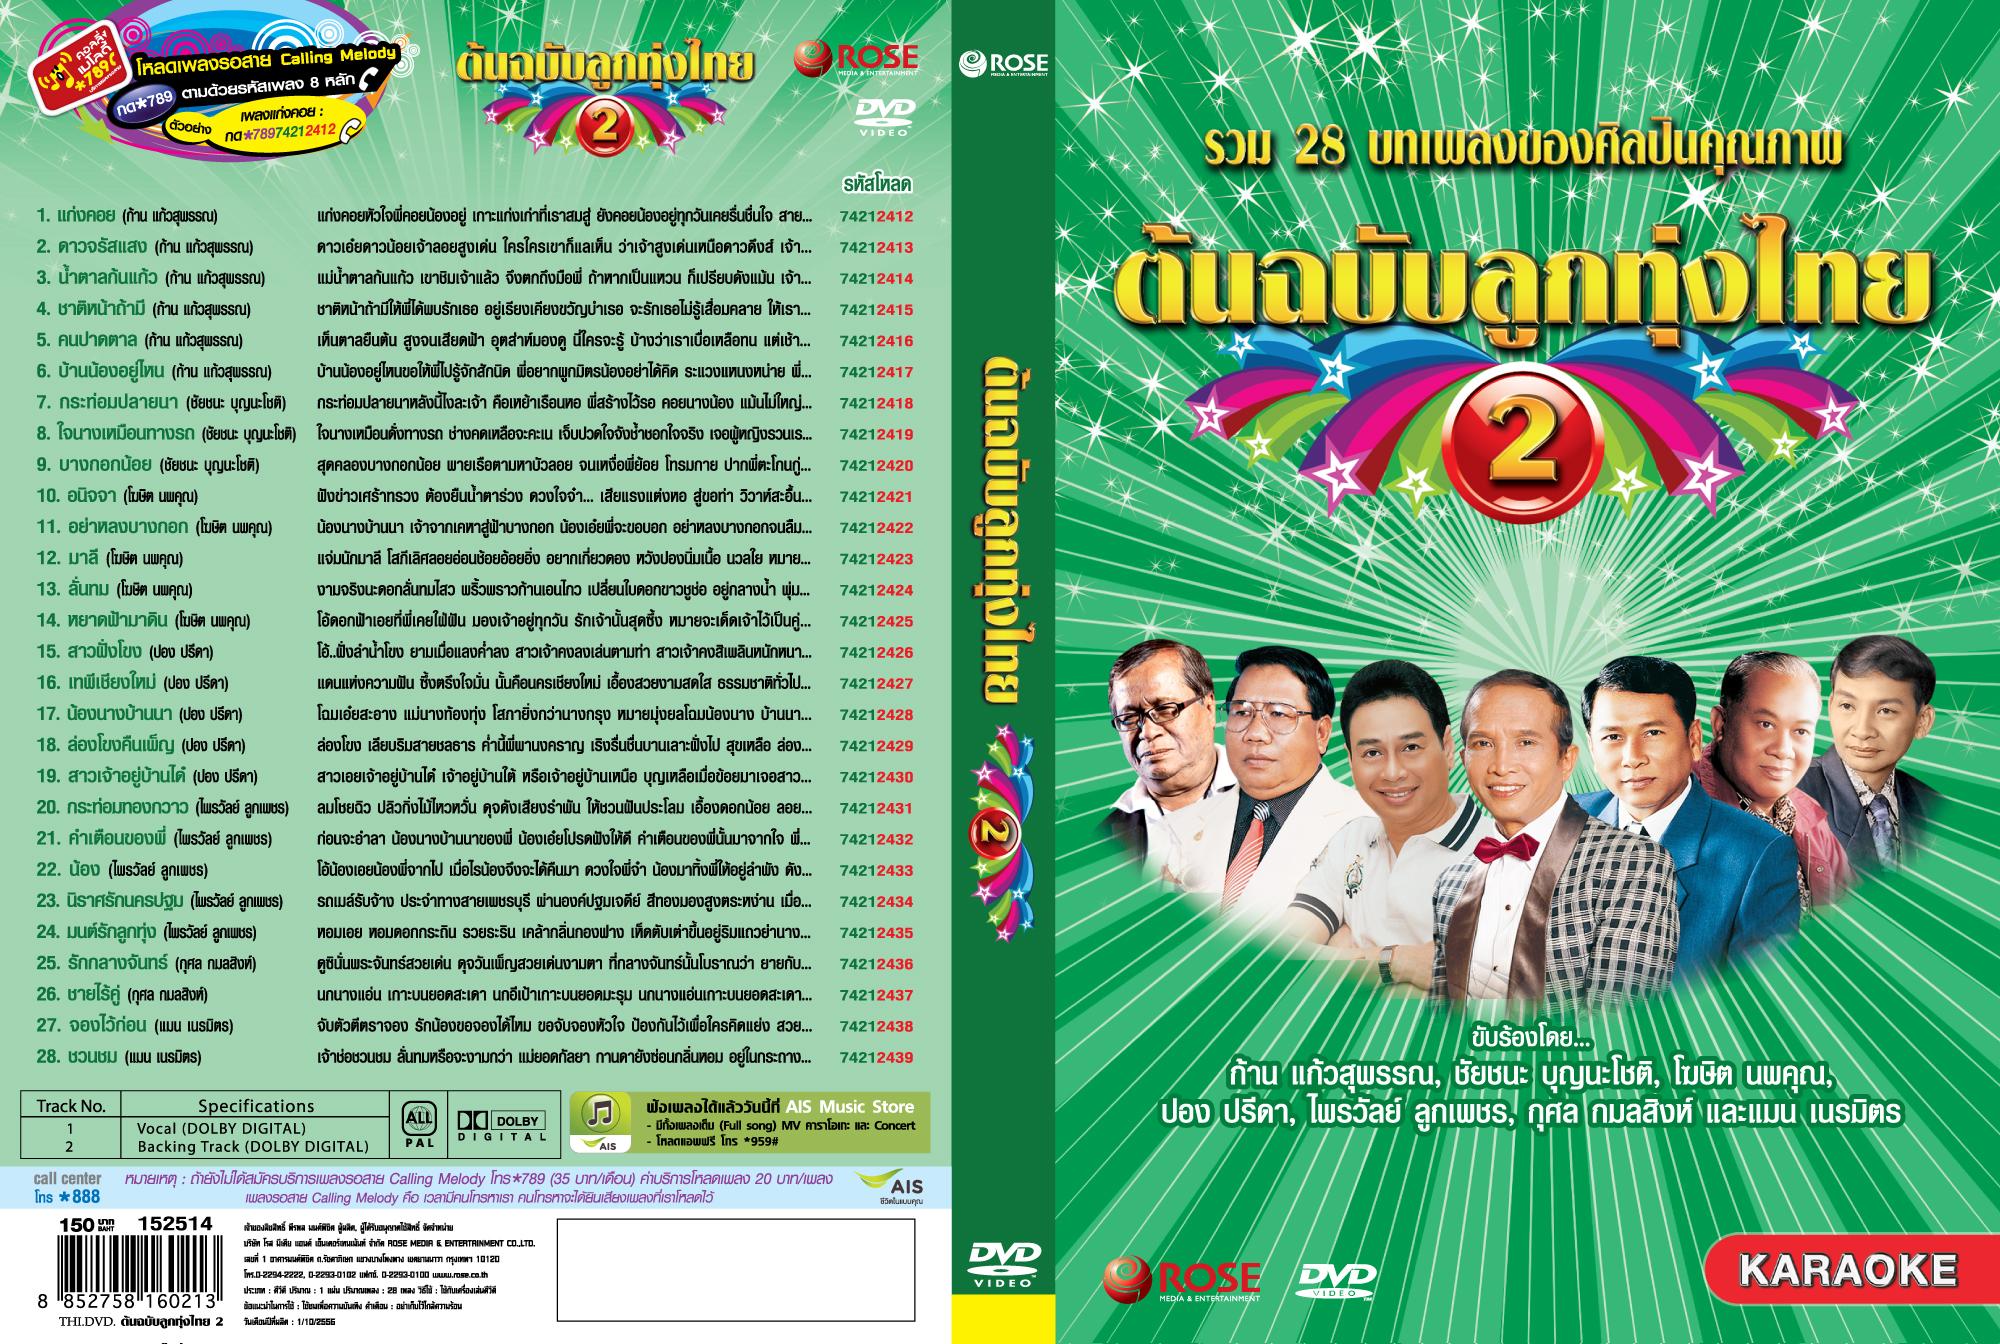 28 เพลง ต้นฉบับลูกทุ่งไทย 2 (คัฑลียา ดาว ธิดา สุนารี ดวงตา อาภาพร แก้ว)